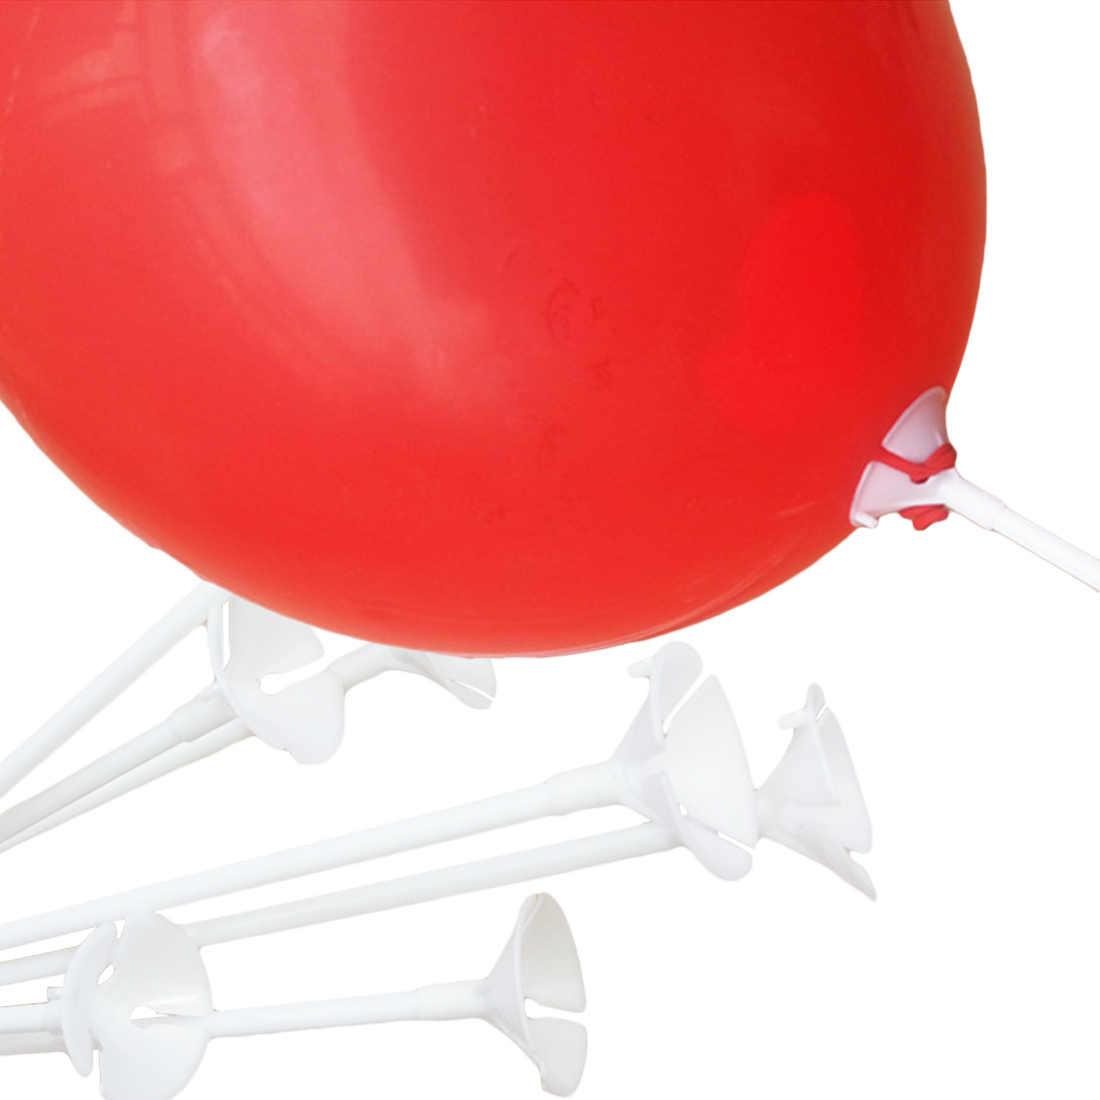 Топ 20 шт белый шар палка полюс пластиковые стержни держатель чашки День рождения Рождество Свадебные шары украшения аксессуары 30 см